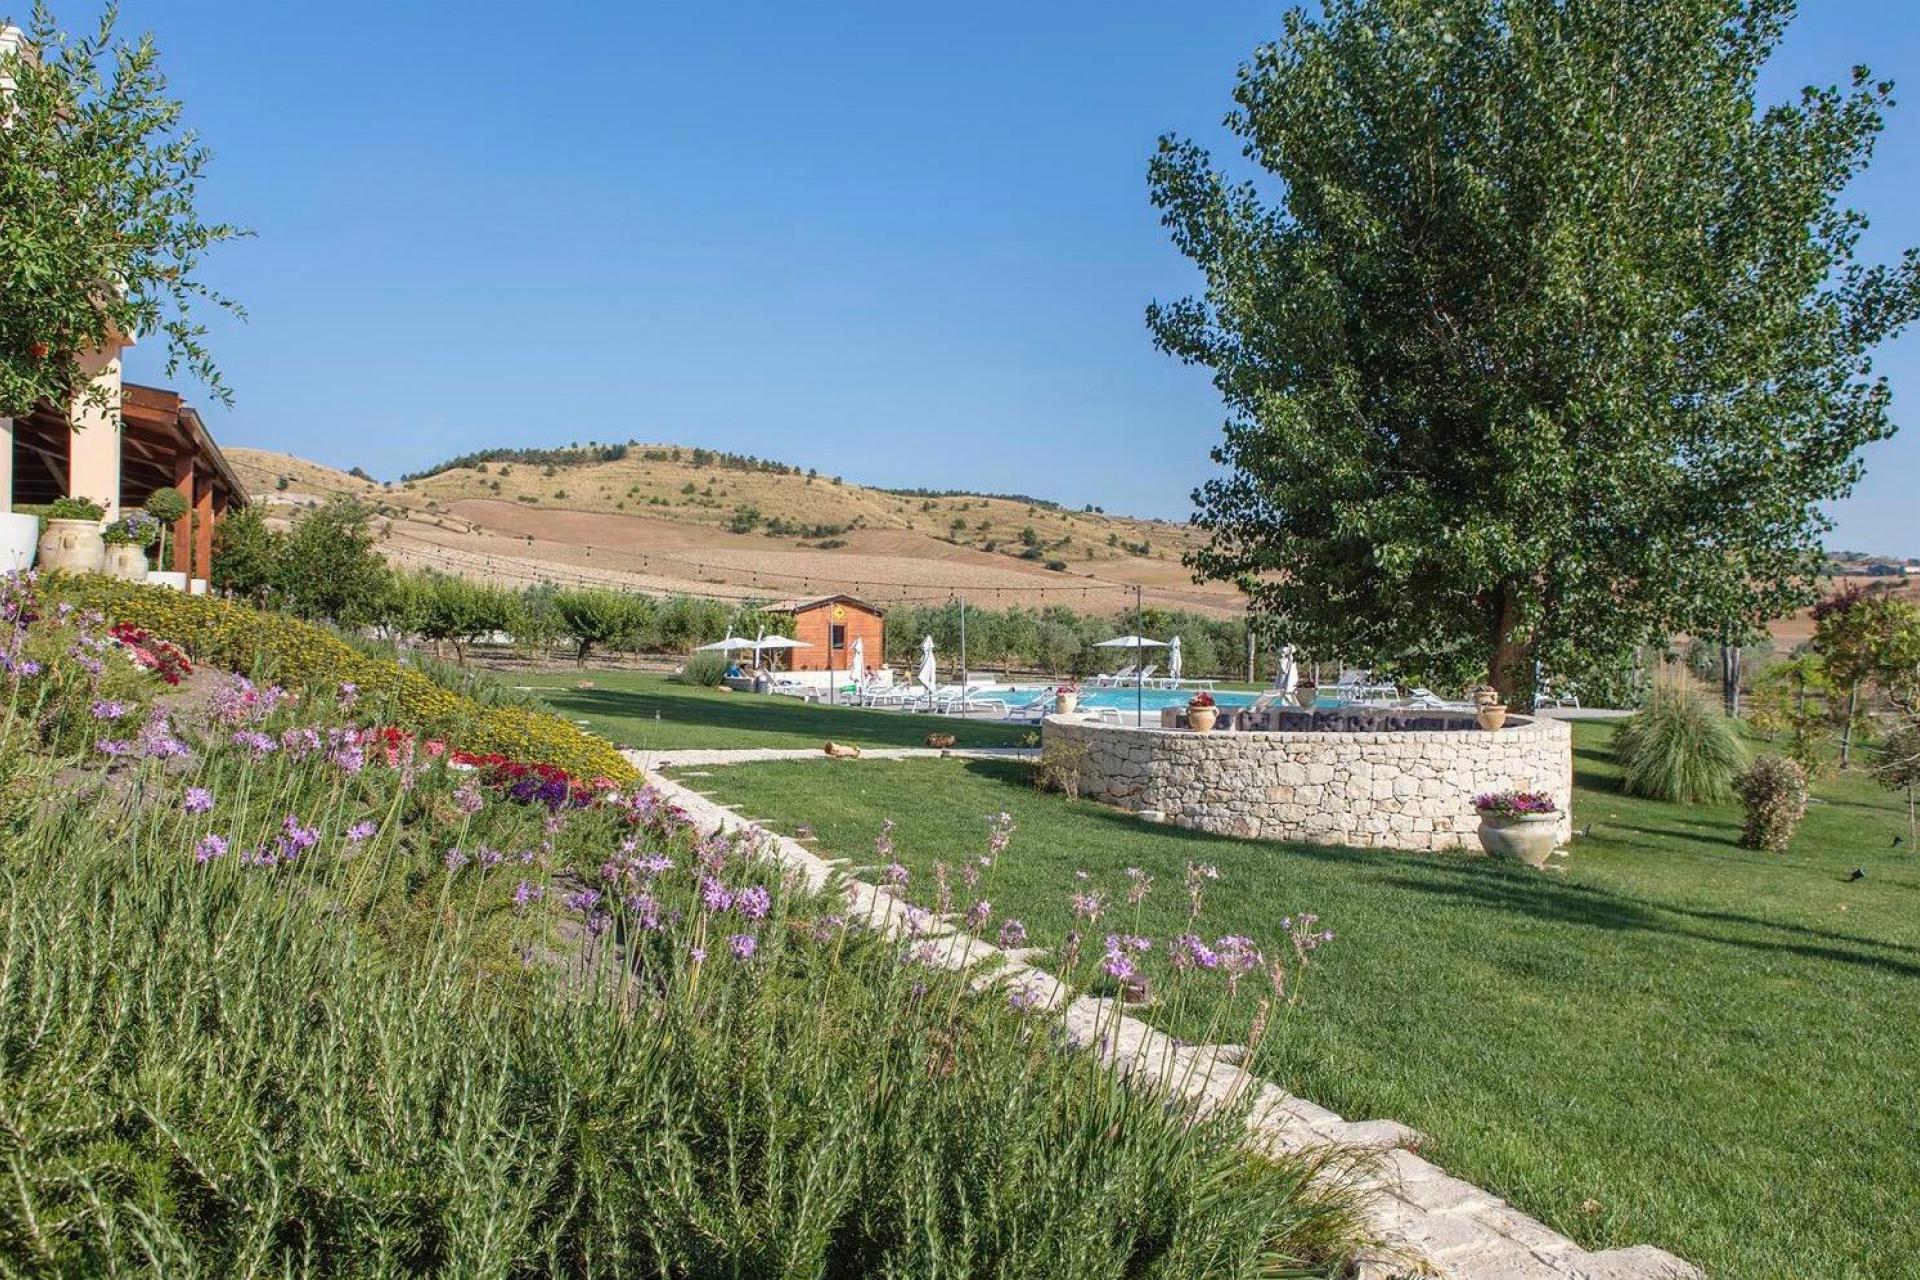 Agriturismo Sicilie Kindvriendelijke agriturismo Sicilië met prachtig zwembad